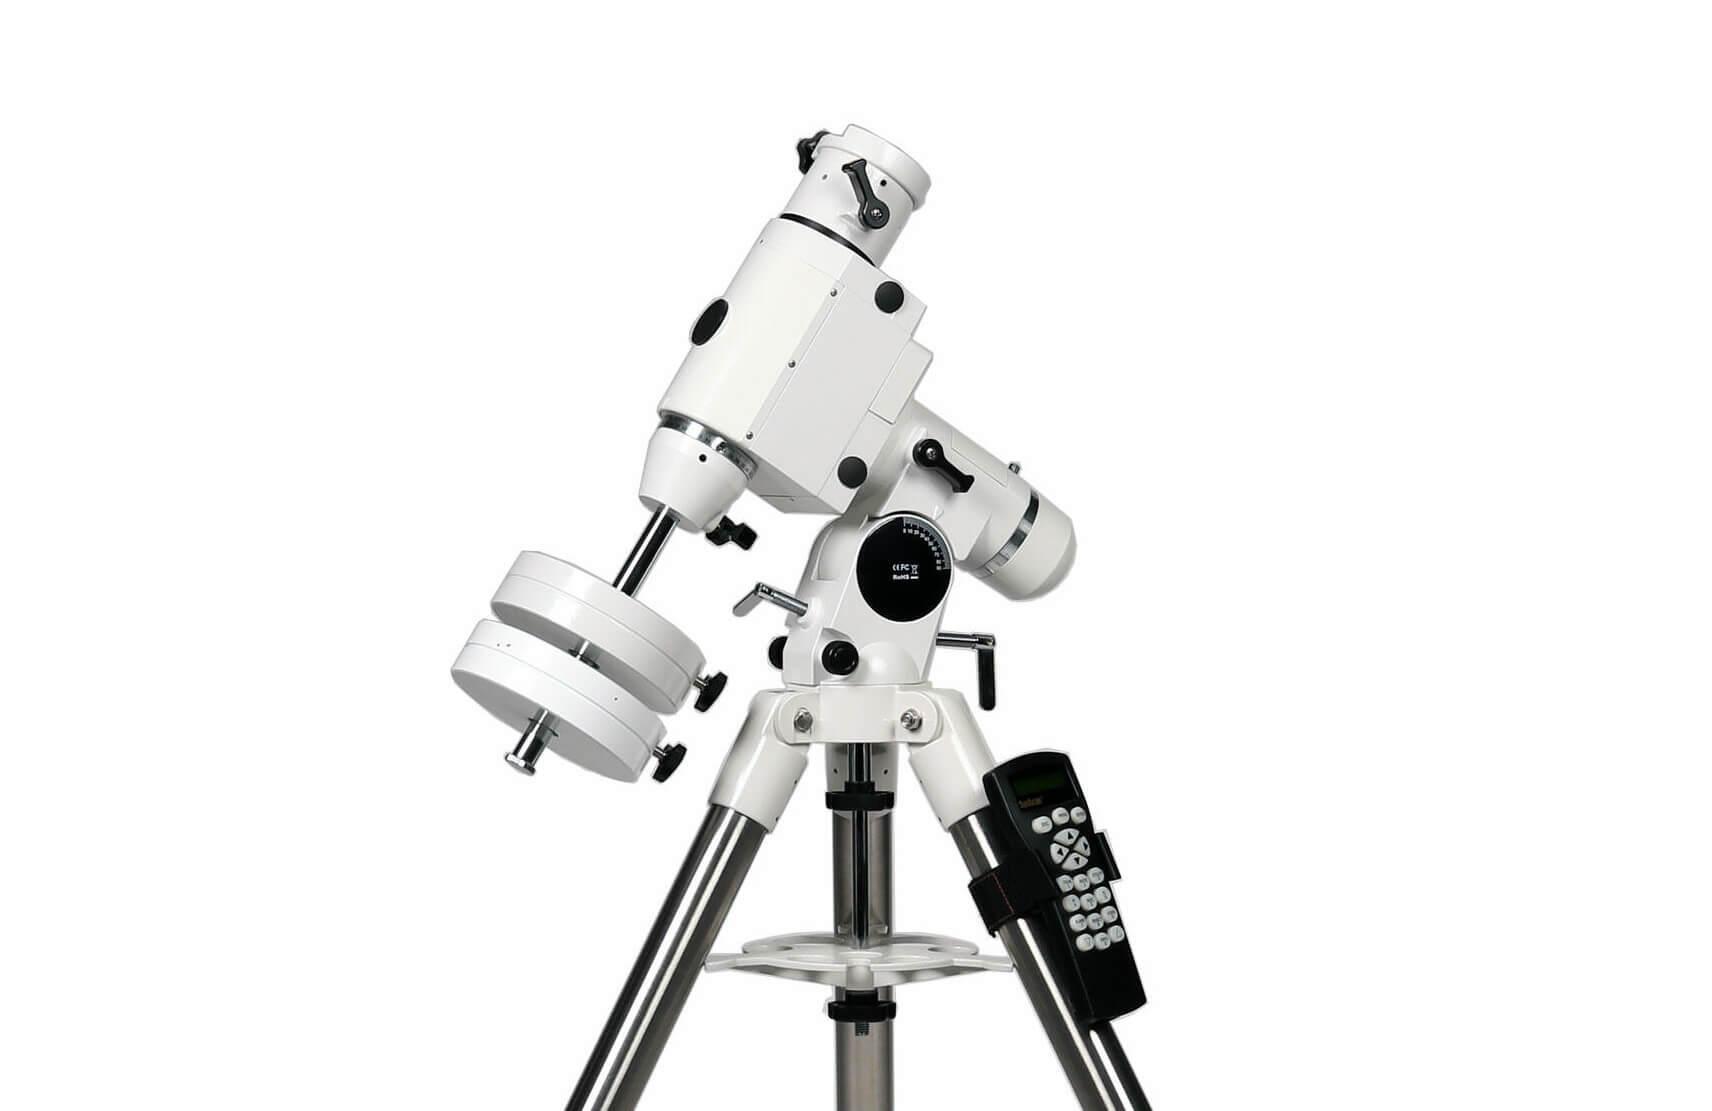 天体望遠鏡の選び方をプロが解説 2. 架台を選ぶ